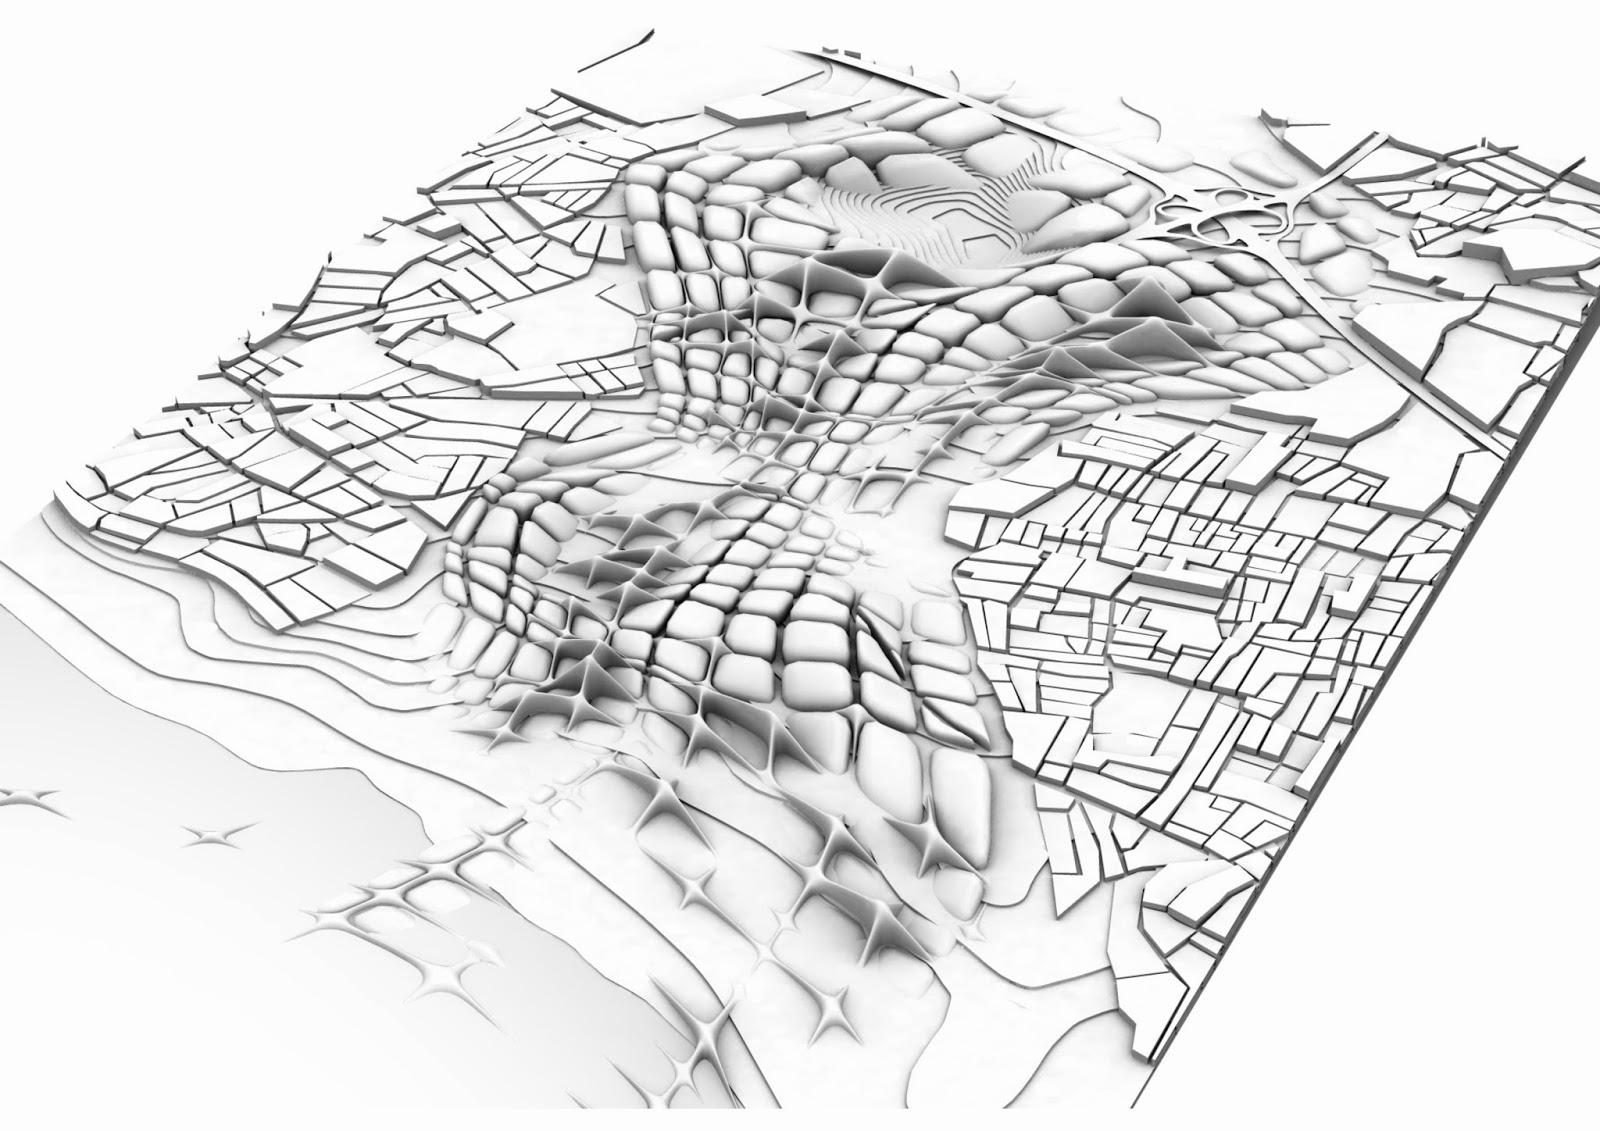 FUSERO_BLOG2 : Smart Cities